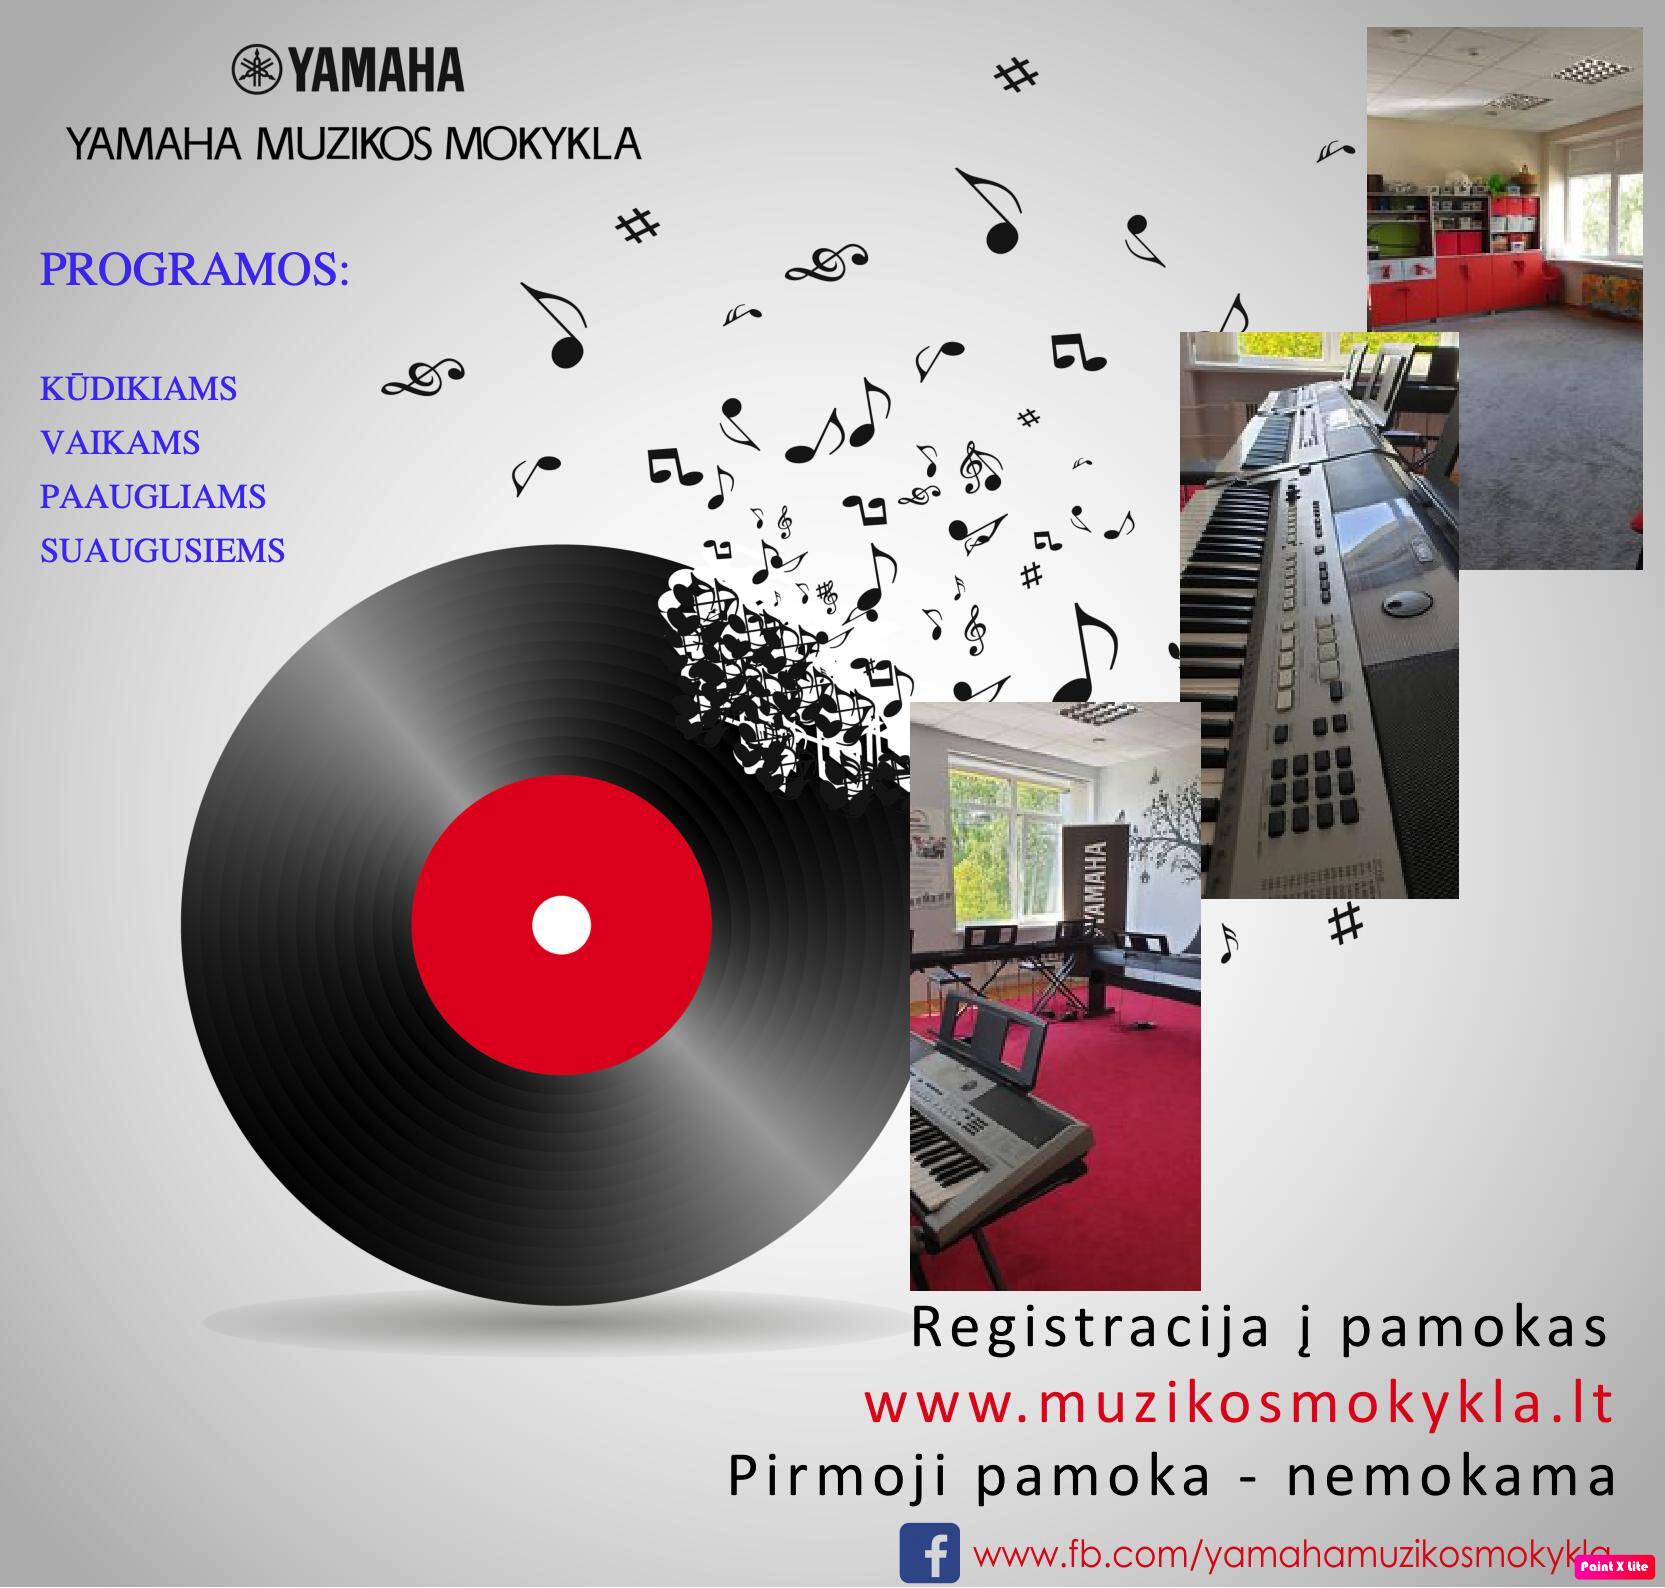 Yamaha reklaminė afiša